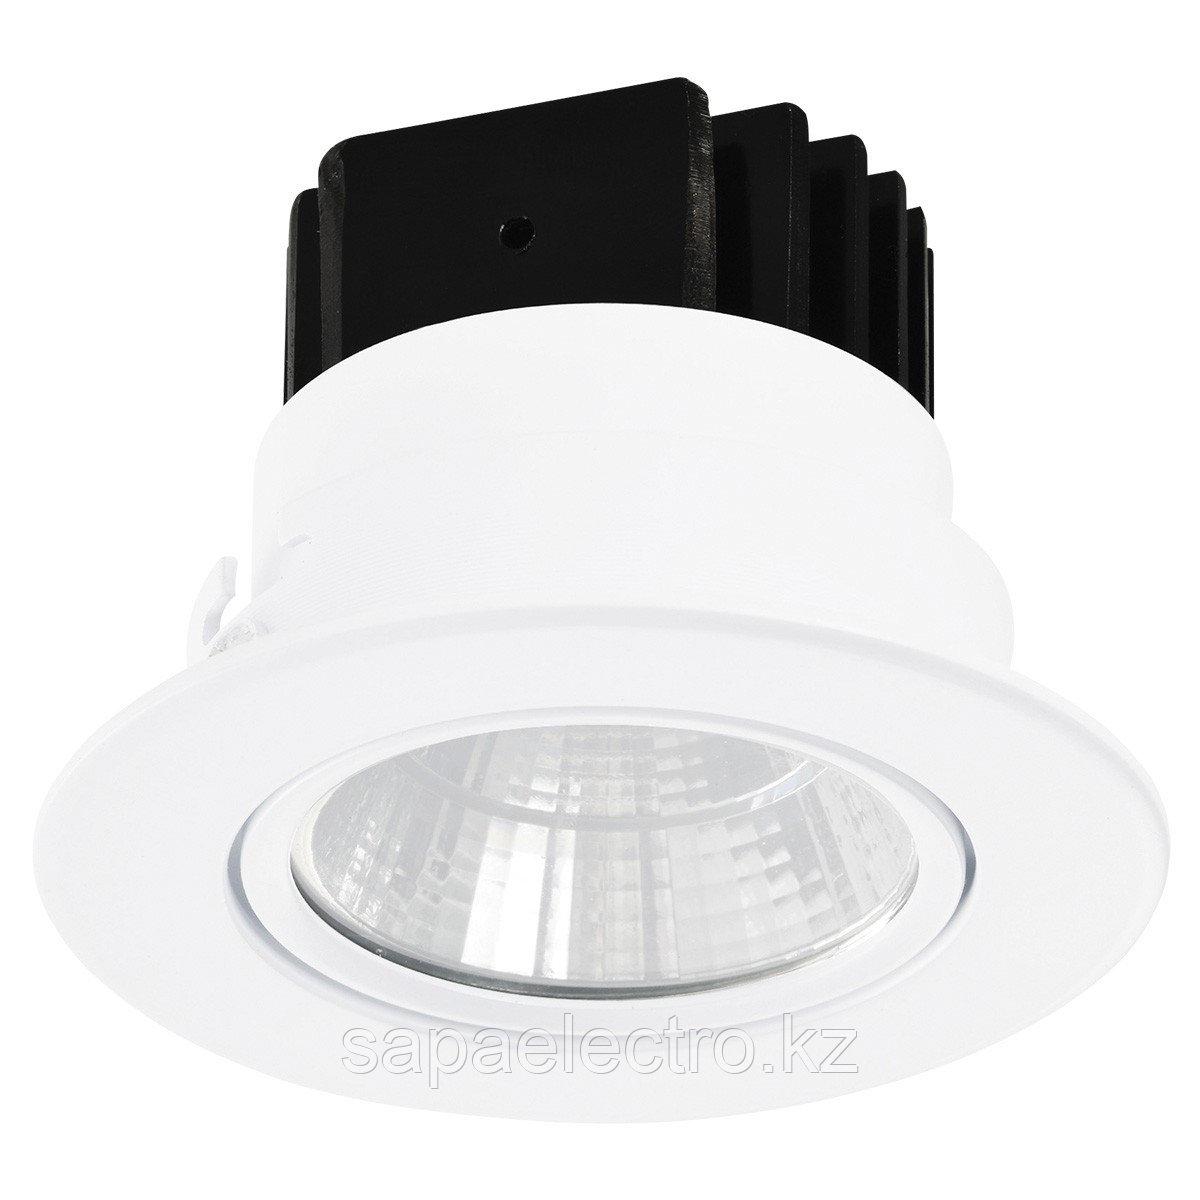 Спот LED COB 5W 5000K WHITE (TS) 100шт